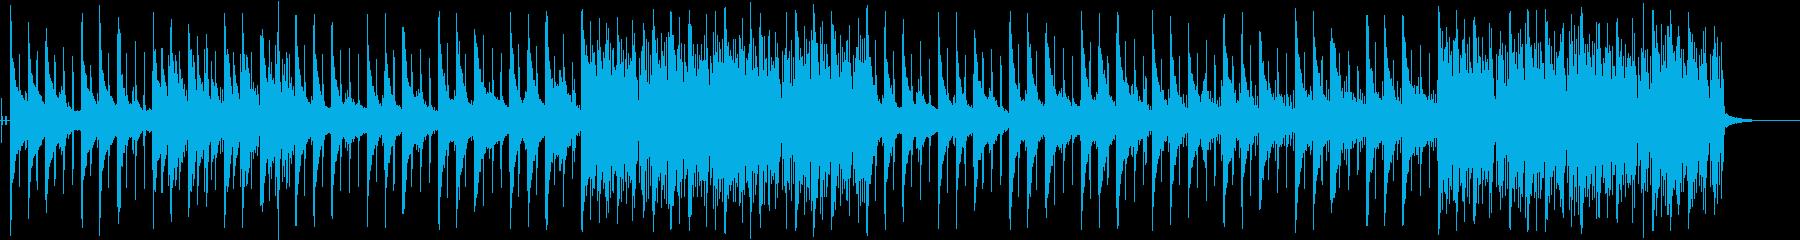 チルアウト、lofiの再生済みの波形